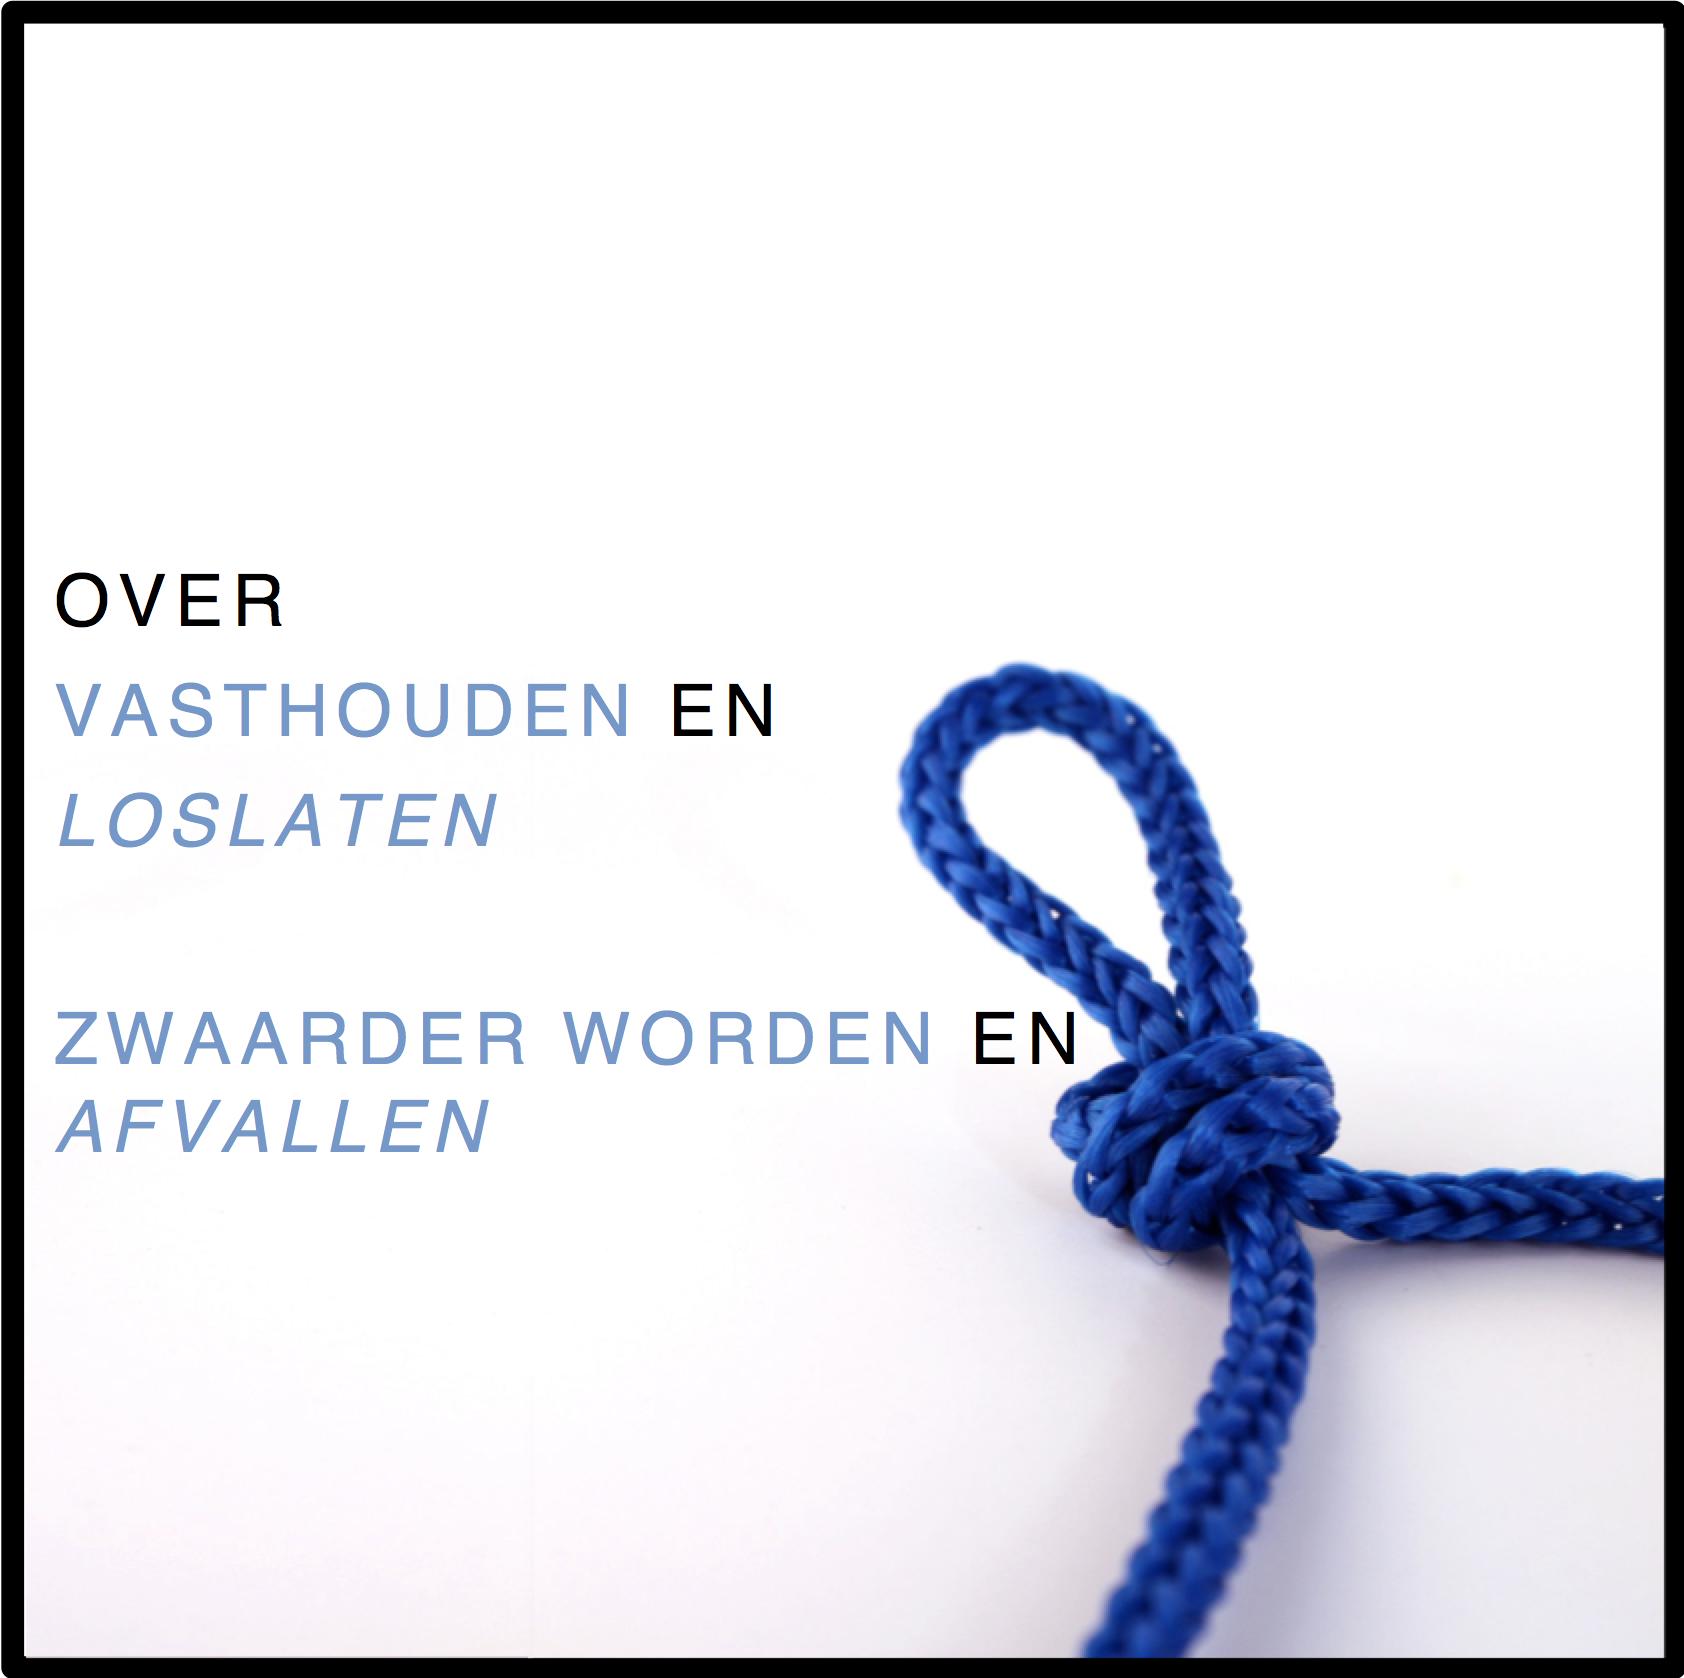 over vasthouden en loslaten, zwaarder worden en afvallen - CreativeHealth.nl